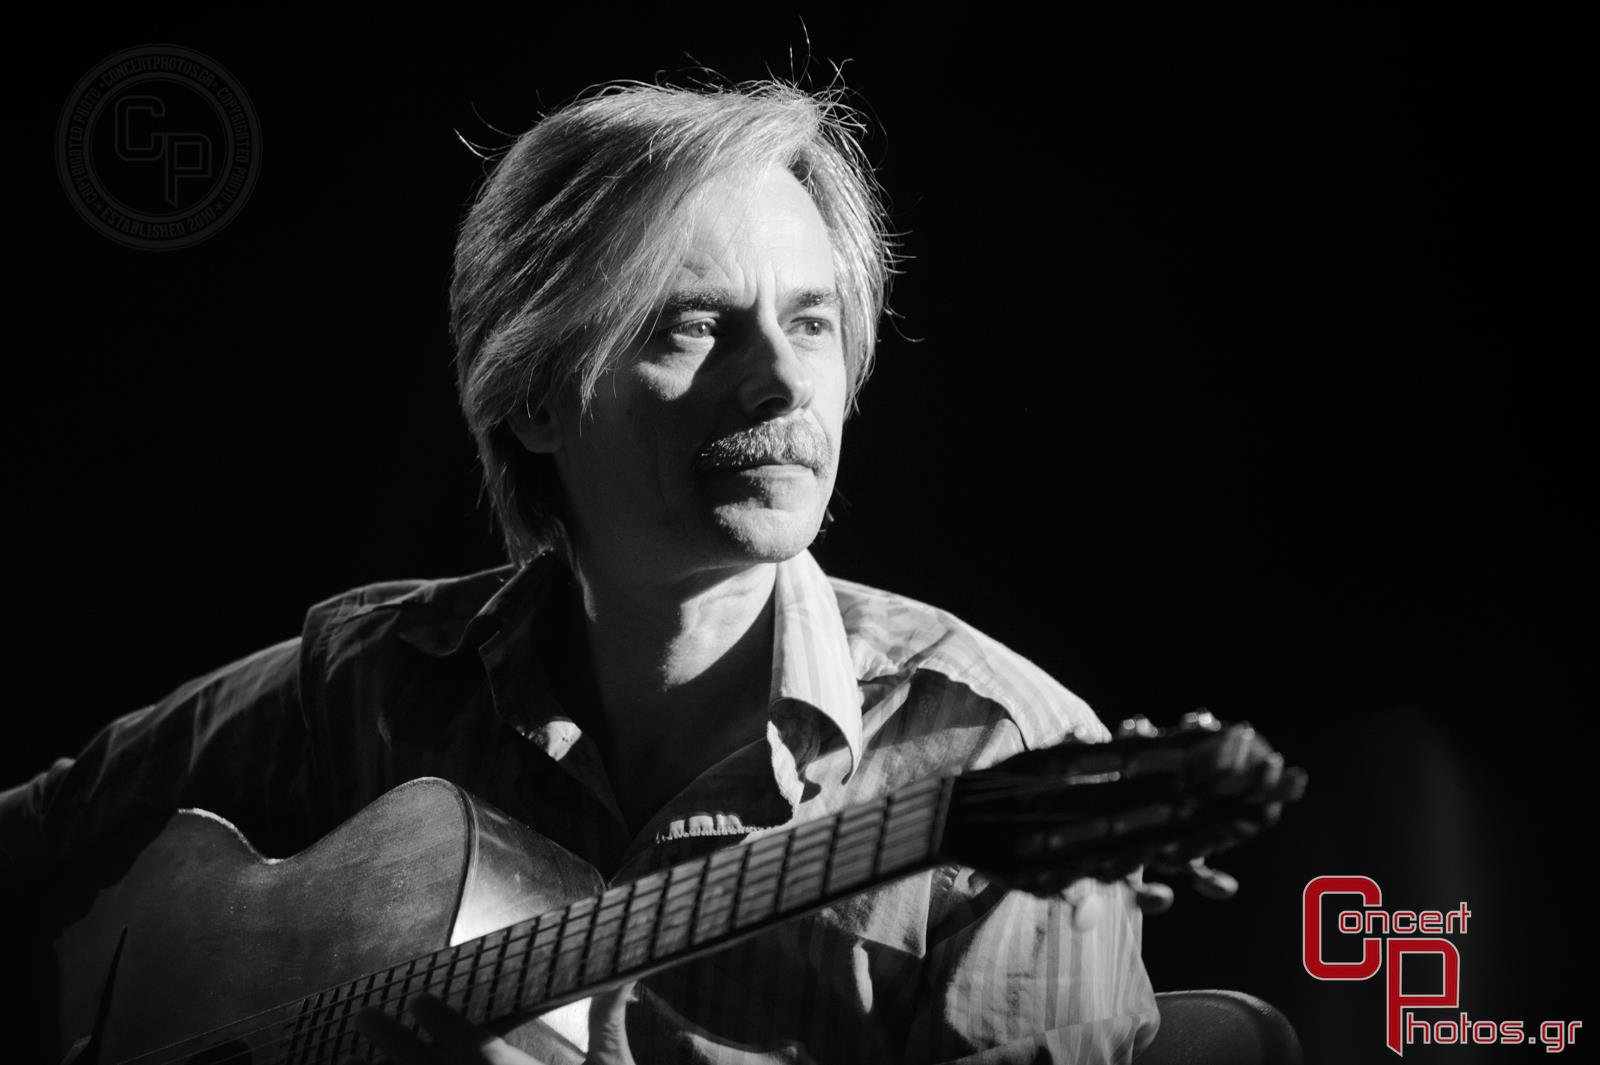 Μία συναυλία για τη Σχεδία 2014-Sxedia 2014 photographer:  - concertphotos_20140526_22_49_14